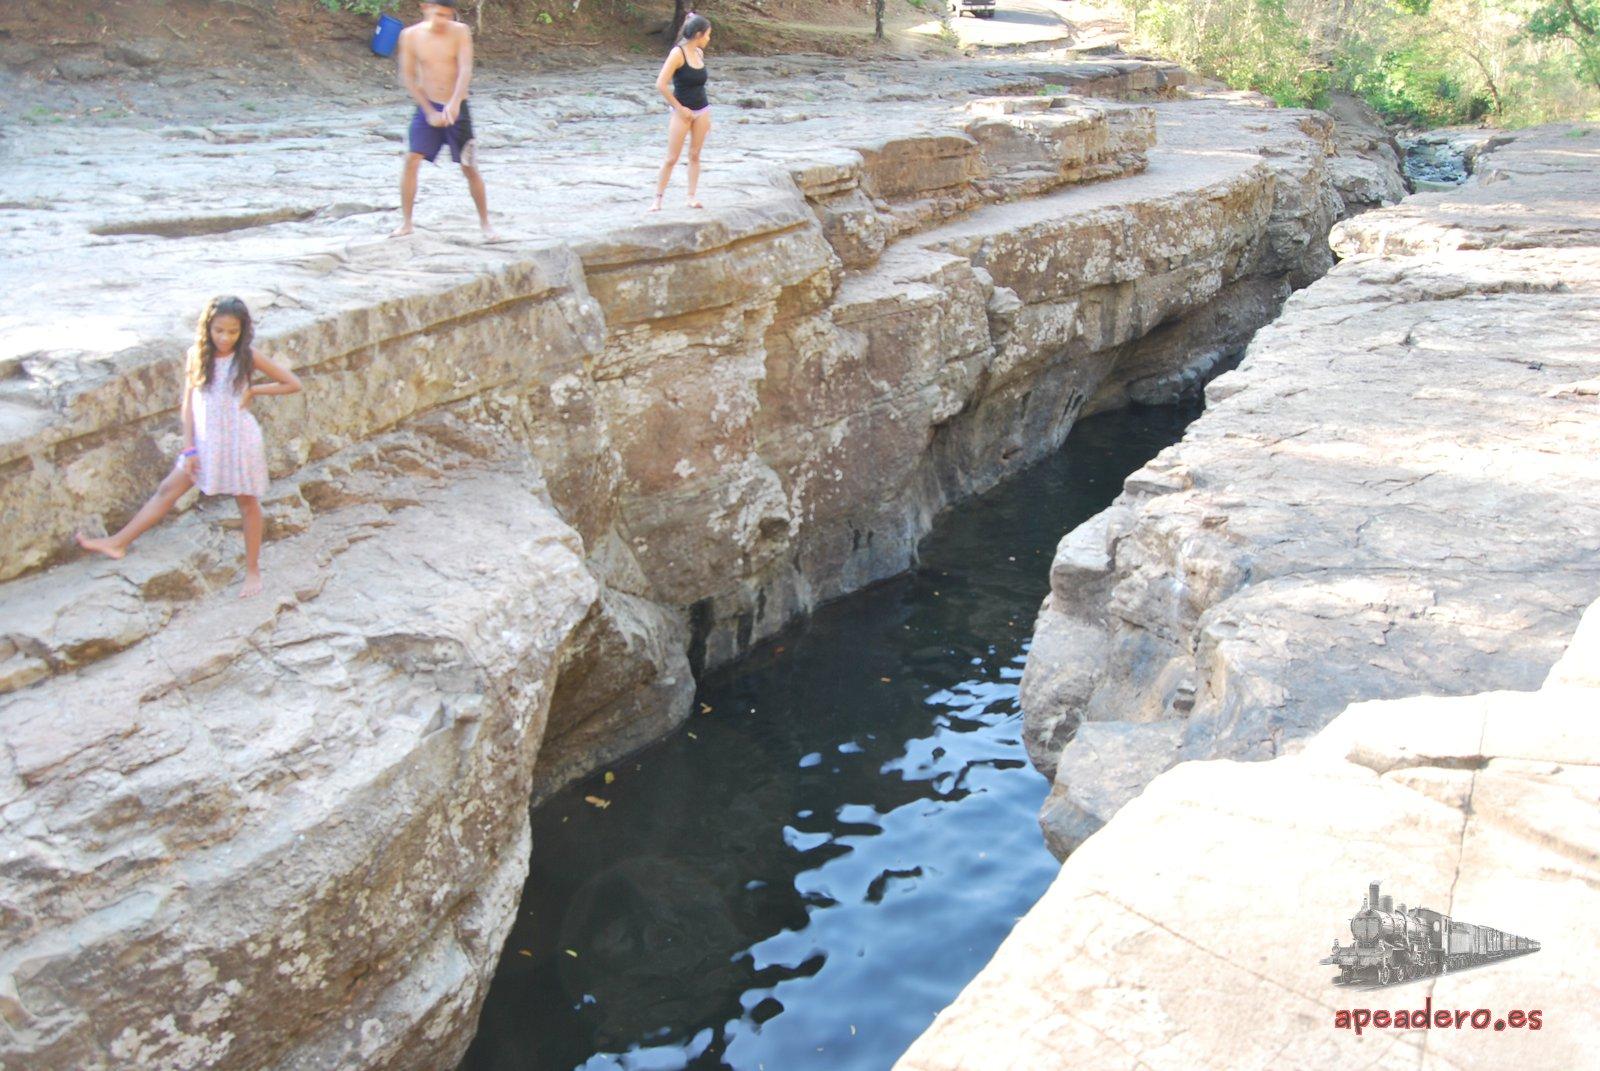 Desde los laterales del cañón puedes saltar. Asegúrate antes que hay profundidad suficiente y que no hay rocas que sobresalgan. Los saltos no son muy grandes, pero 5 o 6 metros son suficientes para divertirte un rato.